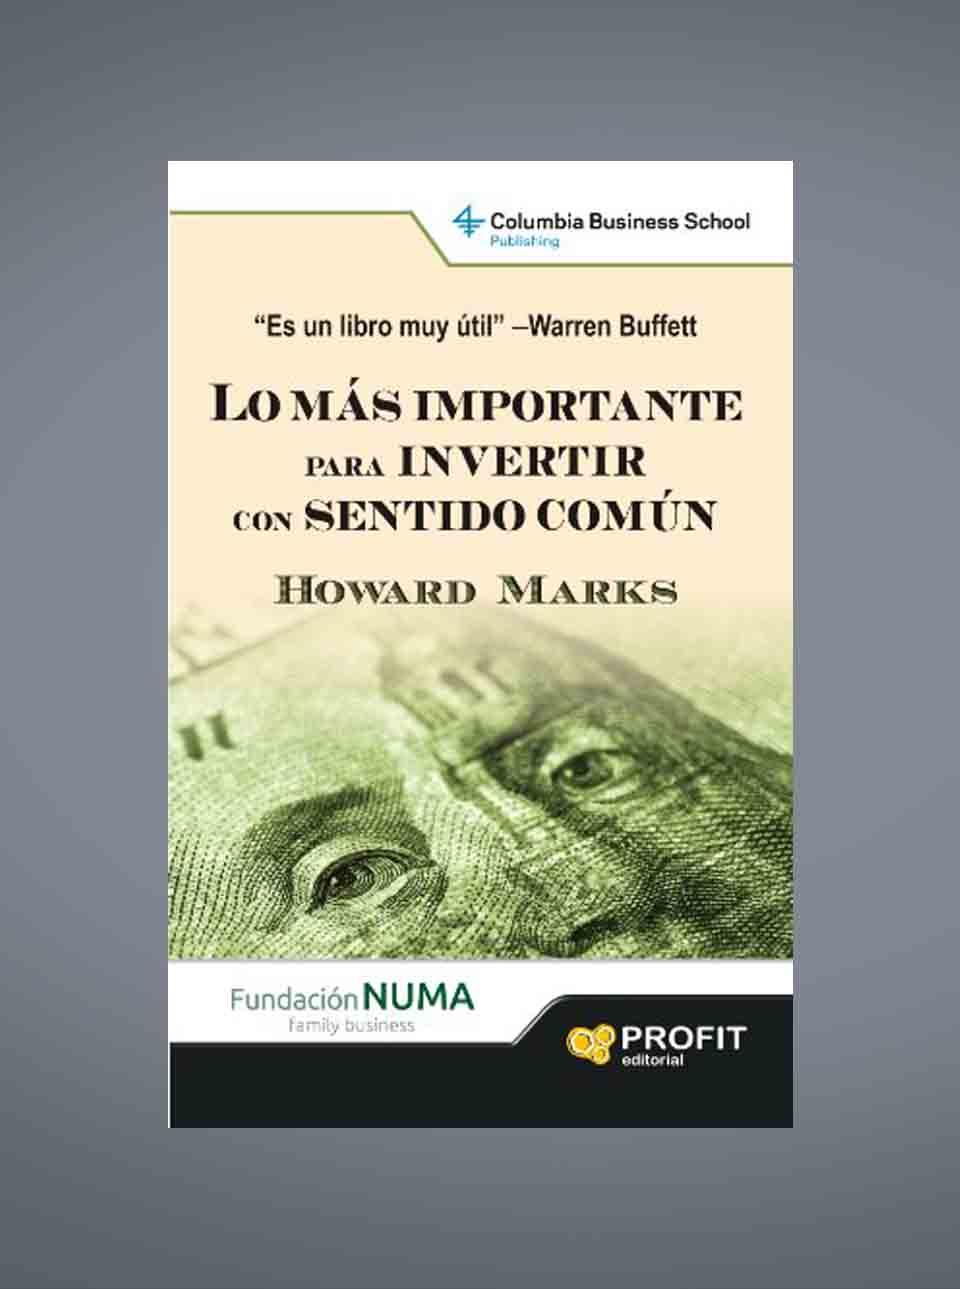 Howard Marks lo más importante para invertir con sentido común